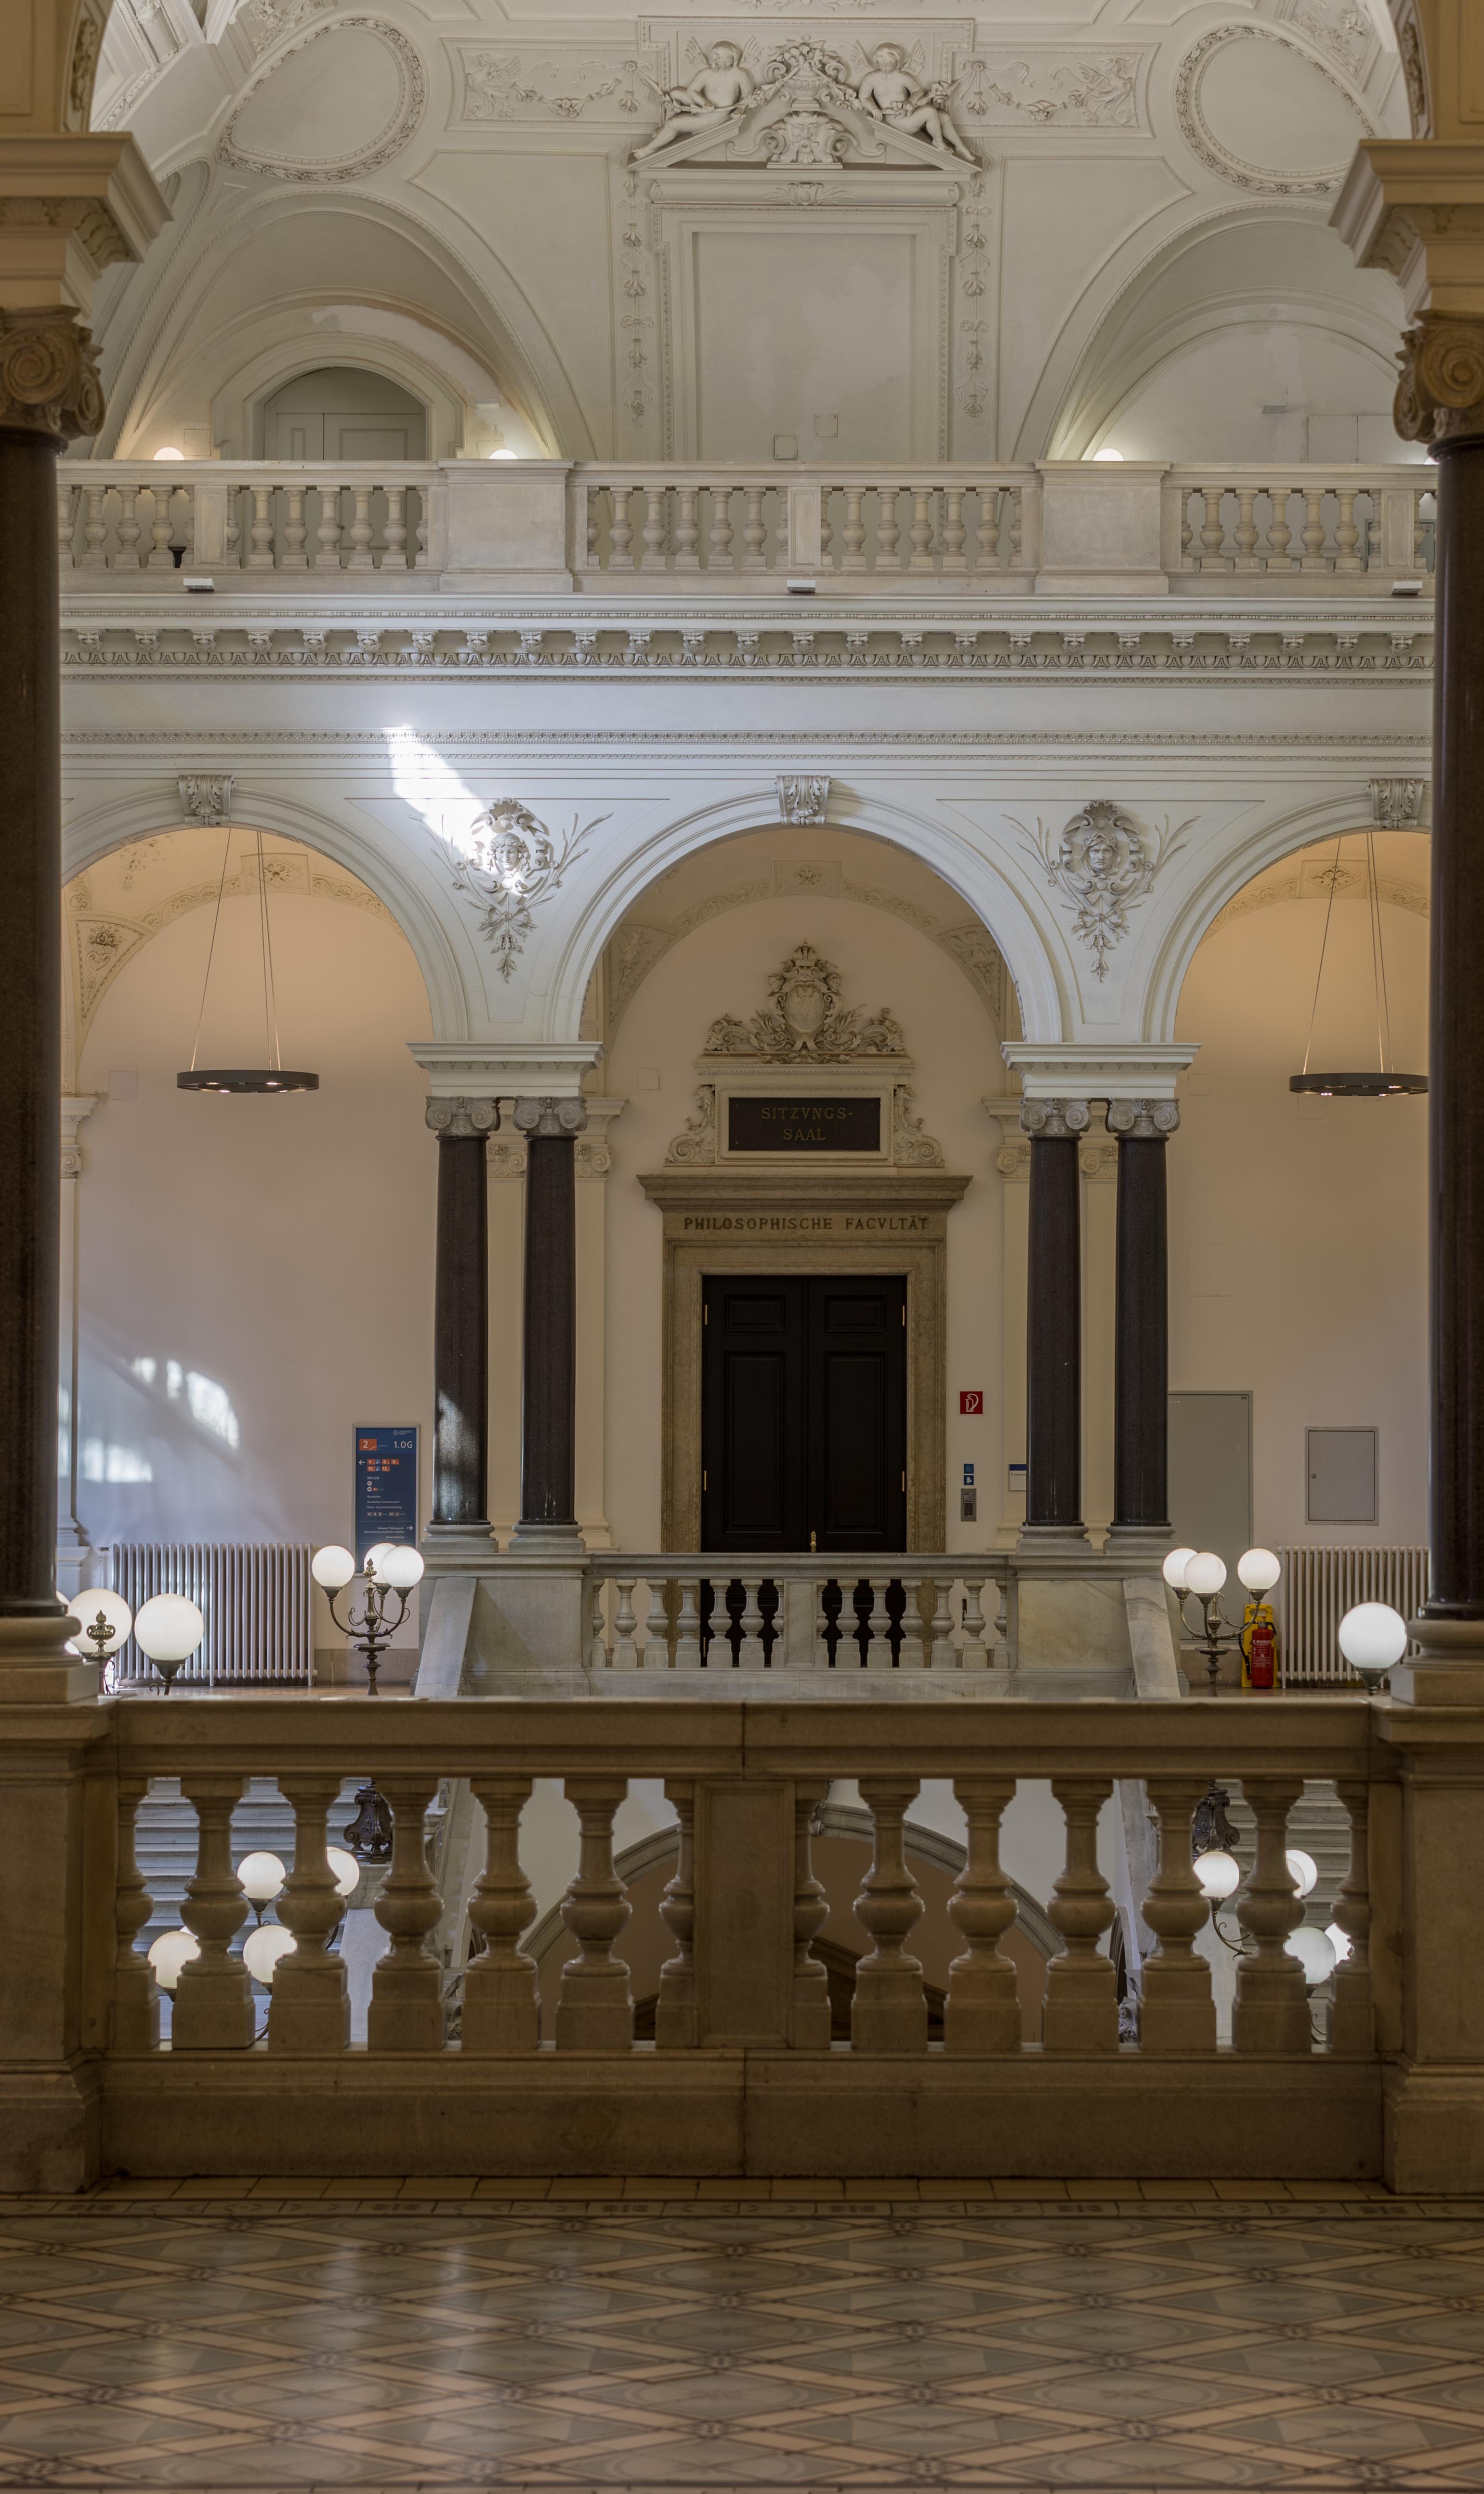 Fileuniversität Wien Vestibül Großer Festsaal Stiegenhaus 2117